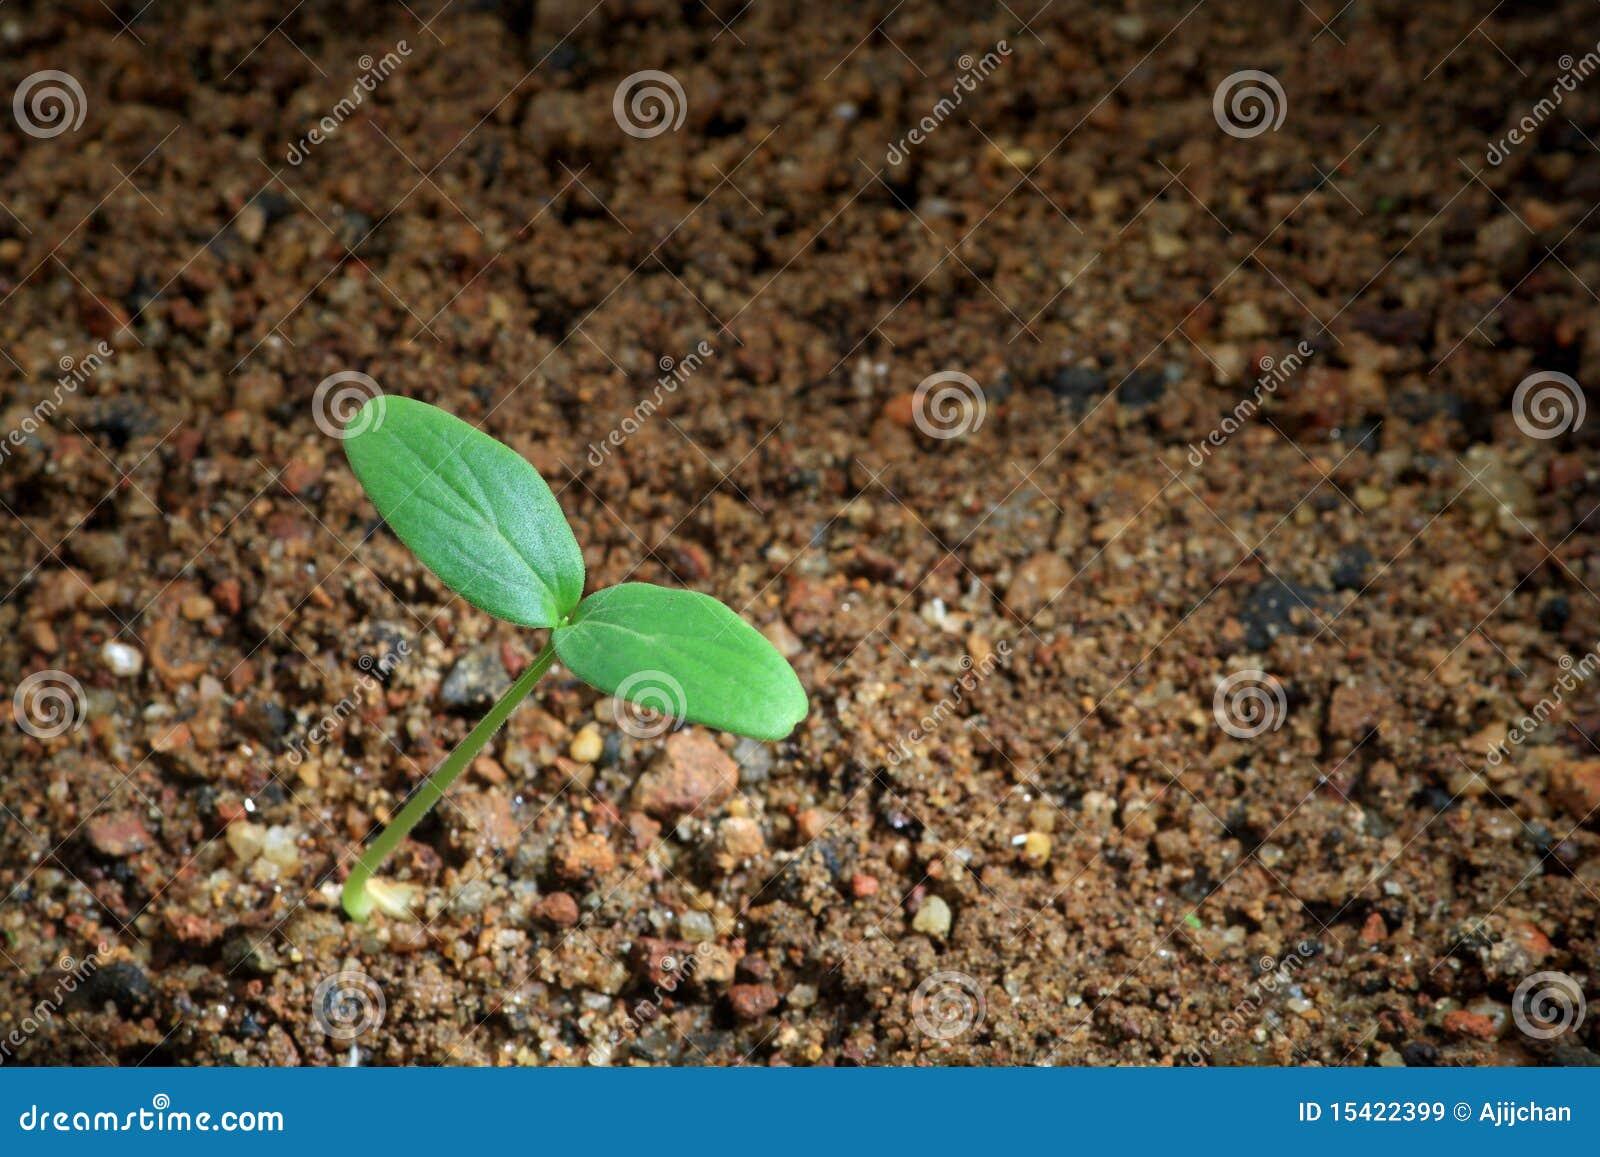 A seedling on soil